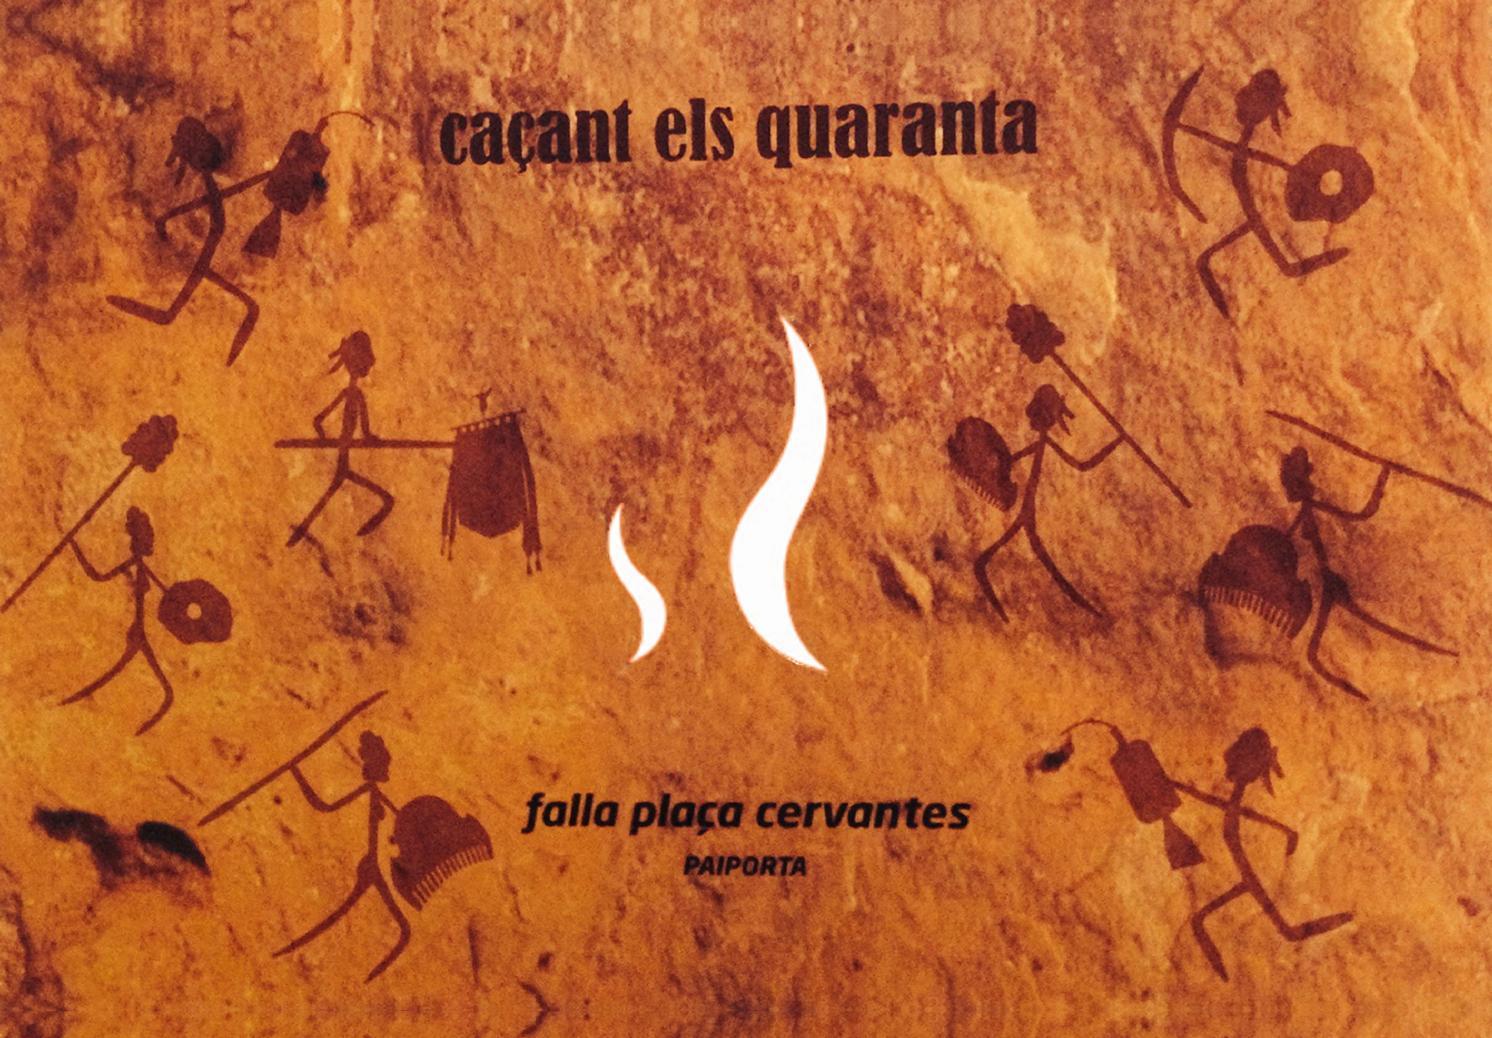 Tono Perruquers Terrassa : Llibret 2014 de lassociació cultural falla plaça cervantes de